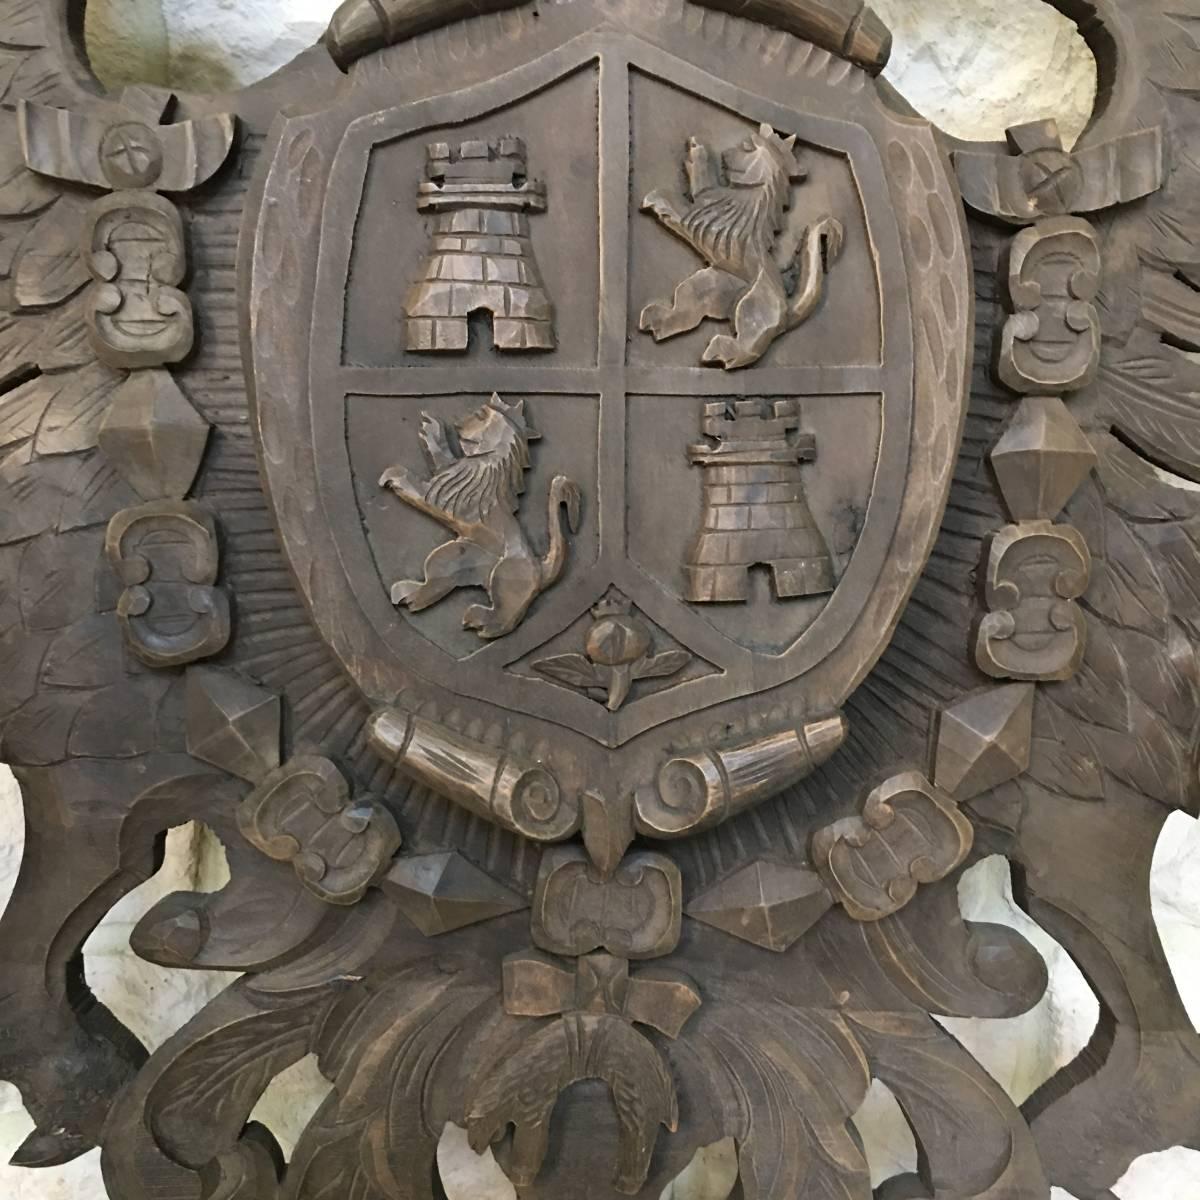 フランスアンティーク イーグル オブジェ 壁掛け 木製 ウッドオブジェ アンティーク家具 アンティーク ヨーロッパ 重厚_画像4